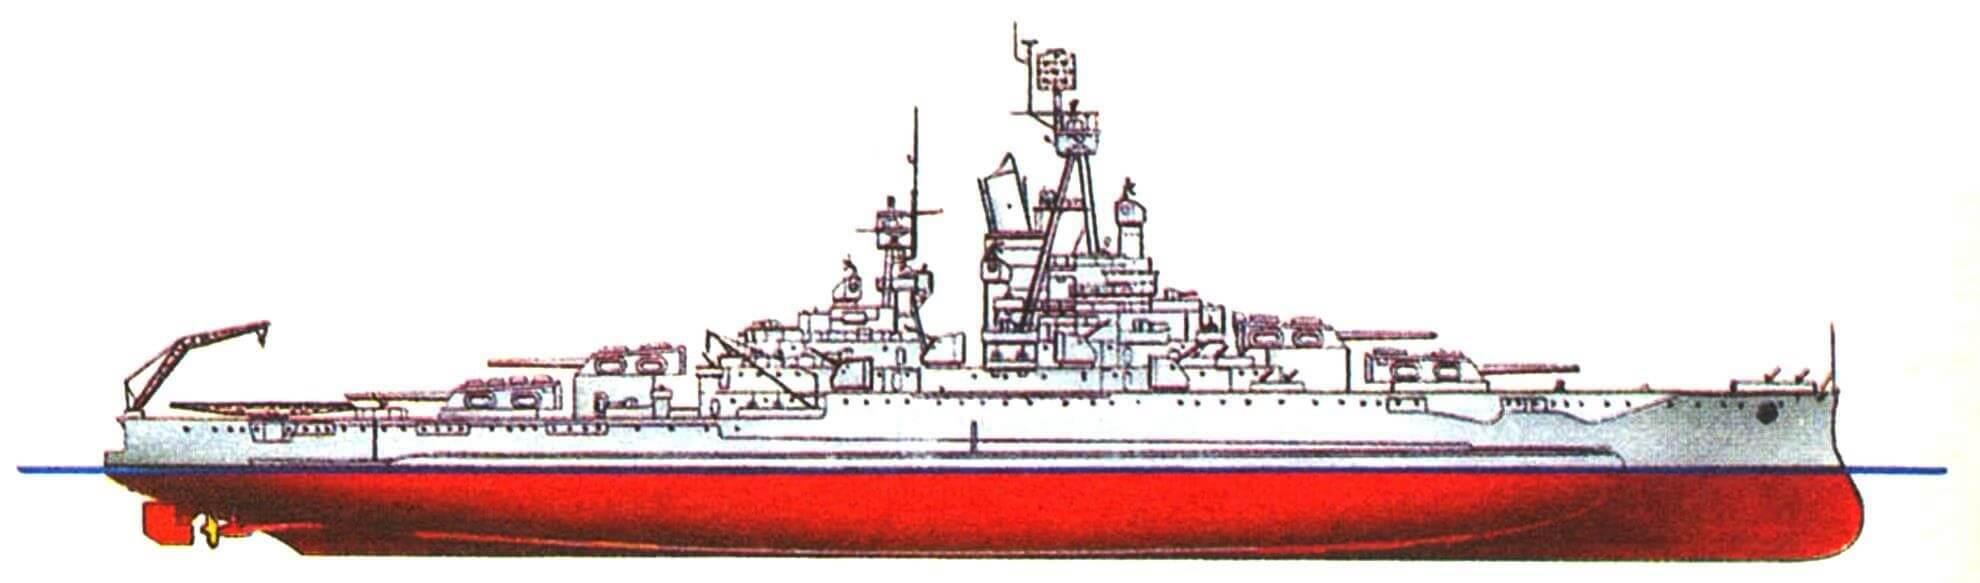 212. Линейный корабль «НЕВАДА», США, 1916/1945 г. Водоизмещение стандартное 29065 т, полное 35570 т, длина максимальная 175,5 м, ширина с булями 32,9 м, осадка 8,7 м. Мощность двухвальной турбинной установки 25000 л.с., скорость 20,3 уз. Броня: пояс до 343 мм, башни до 457 мм, палубы до 160 мм, рубка 406 мм. Вооружение: десять 356-мм орудий, шестнадцать универсальных 127-мм пушек, сорок 40-мм и тридцать шесть 20-мм зенитных автоматов. Внешний вид корабля показан по состоянию на 1945 г.